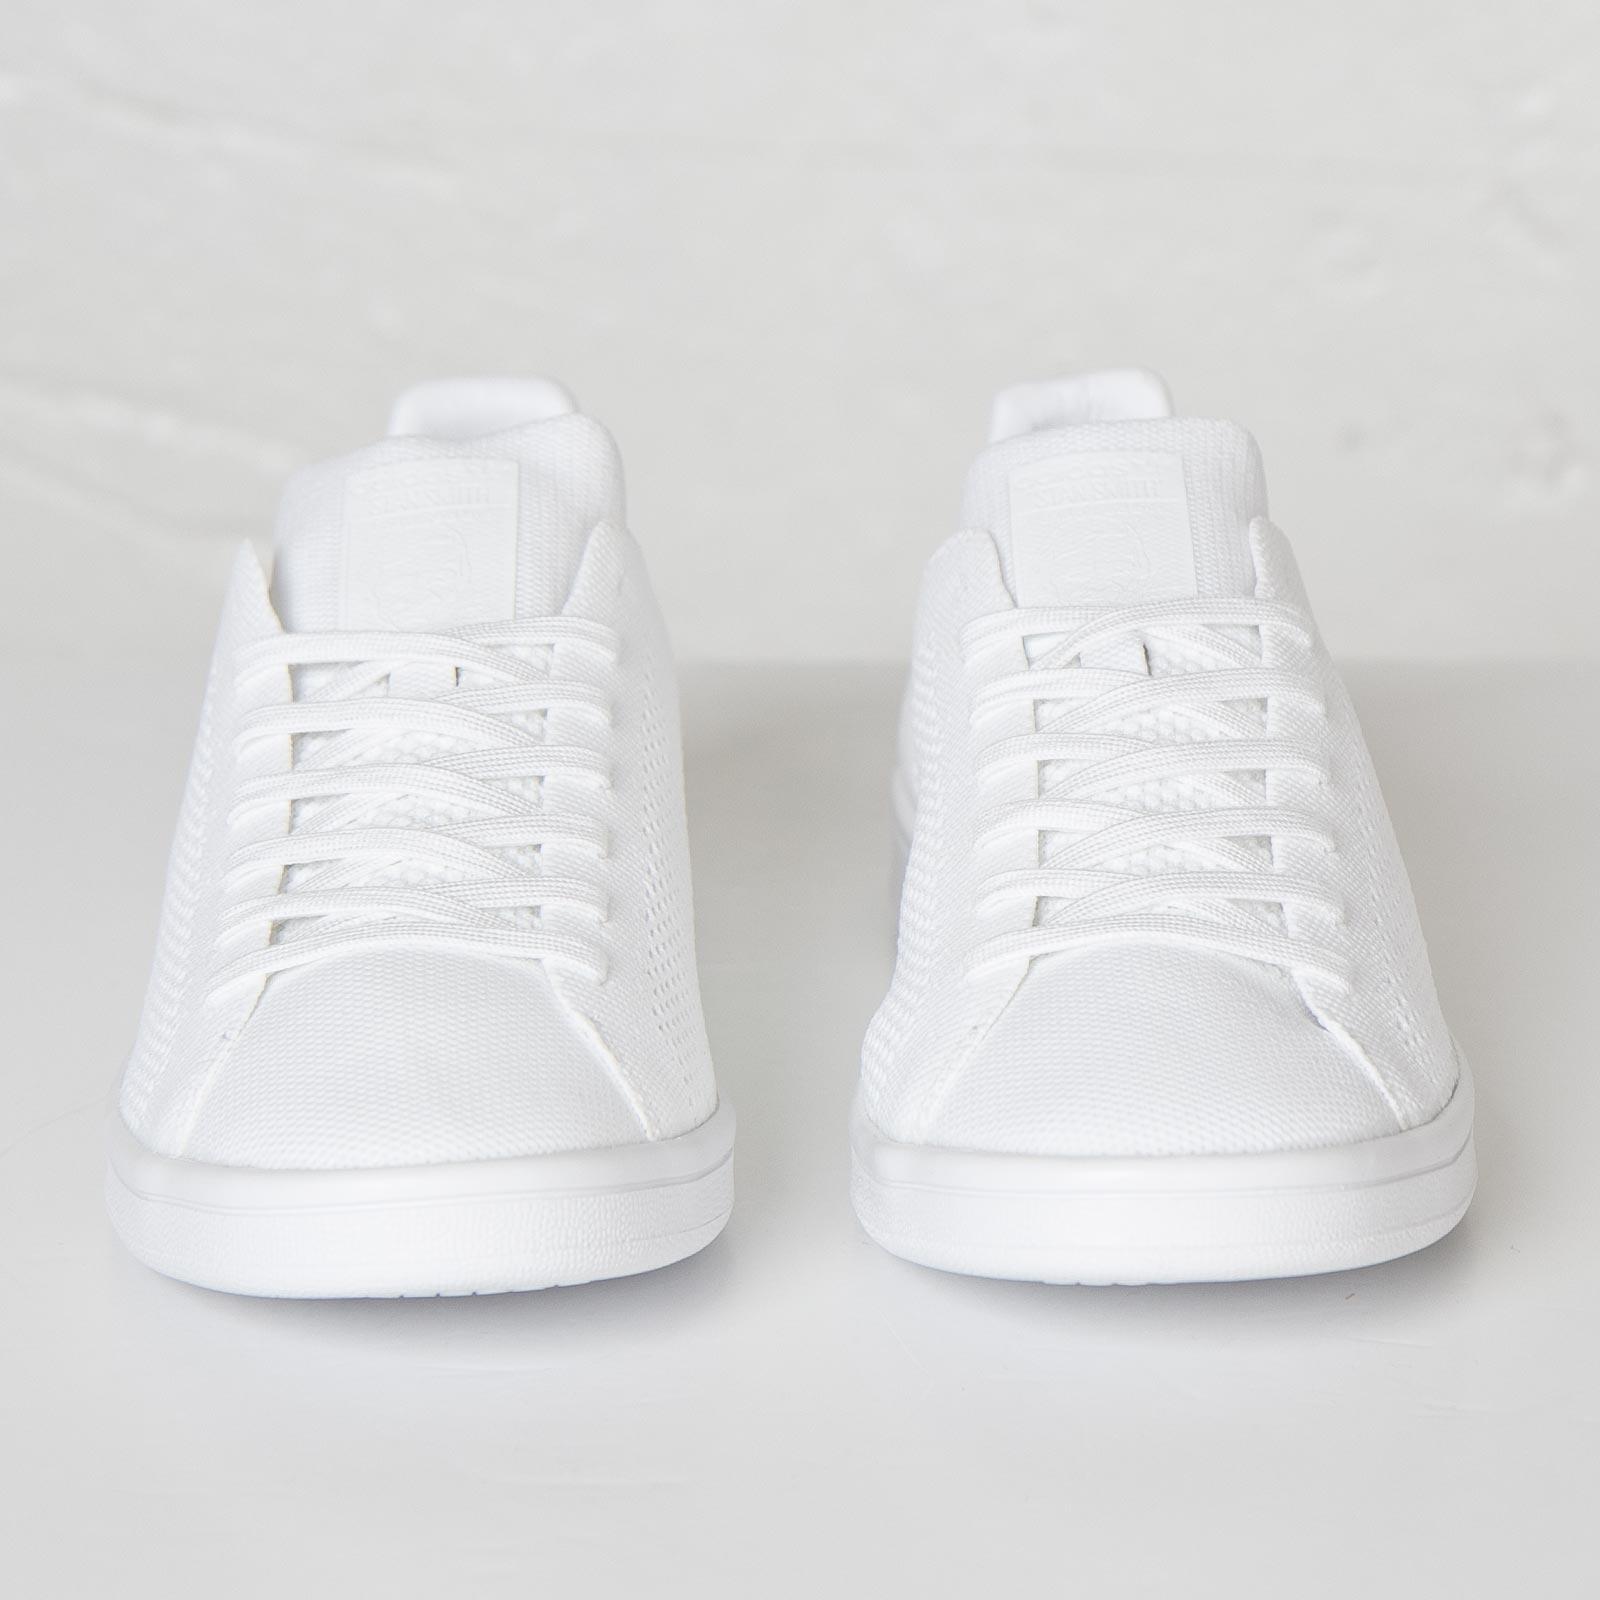 size 40 e1696 16fe7 stan smith triple white primeknit